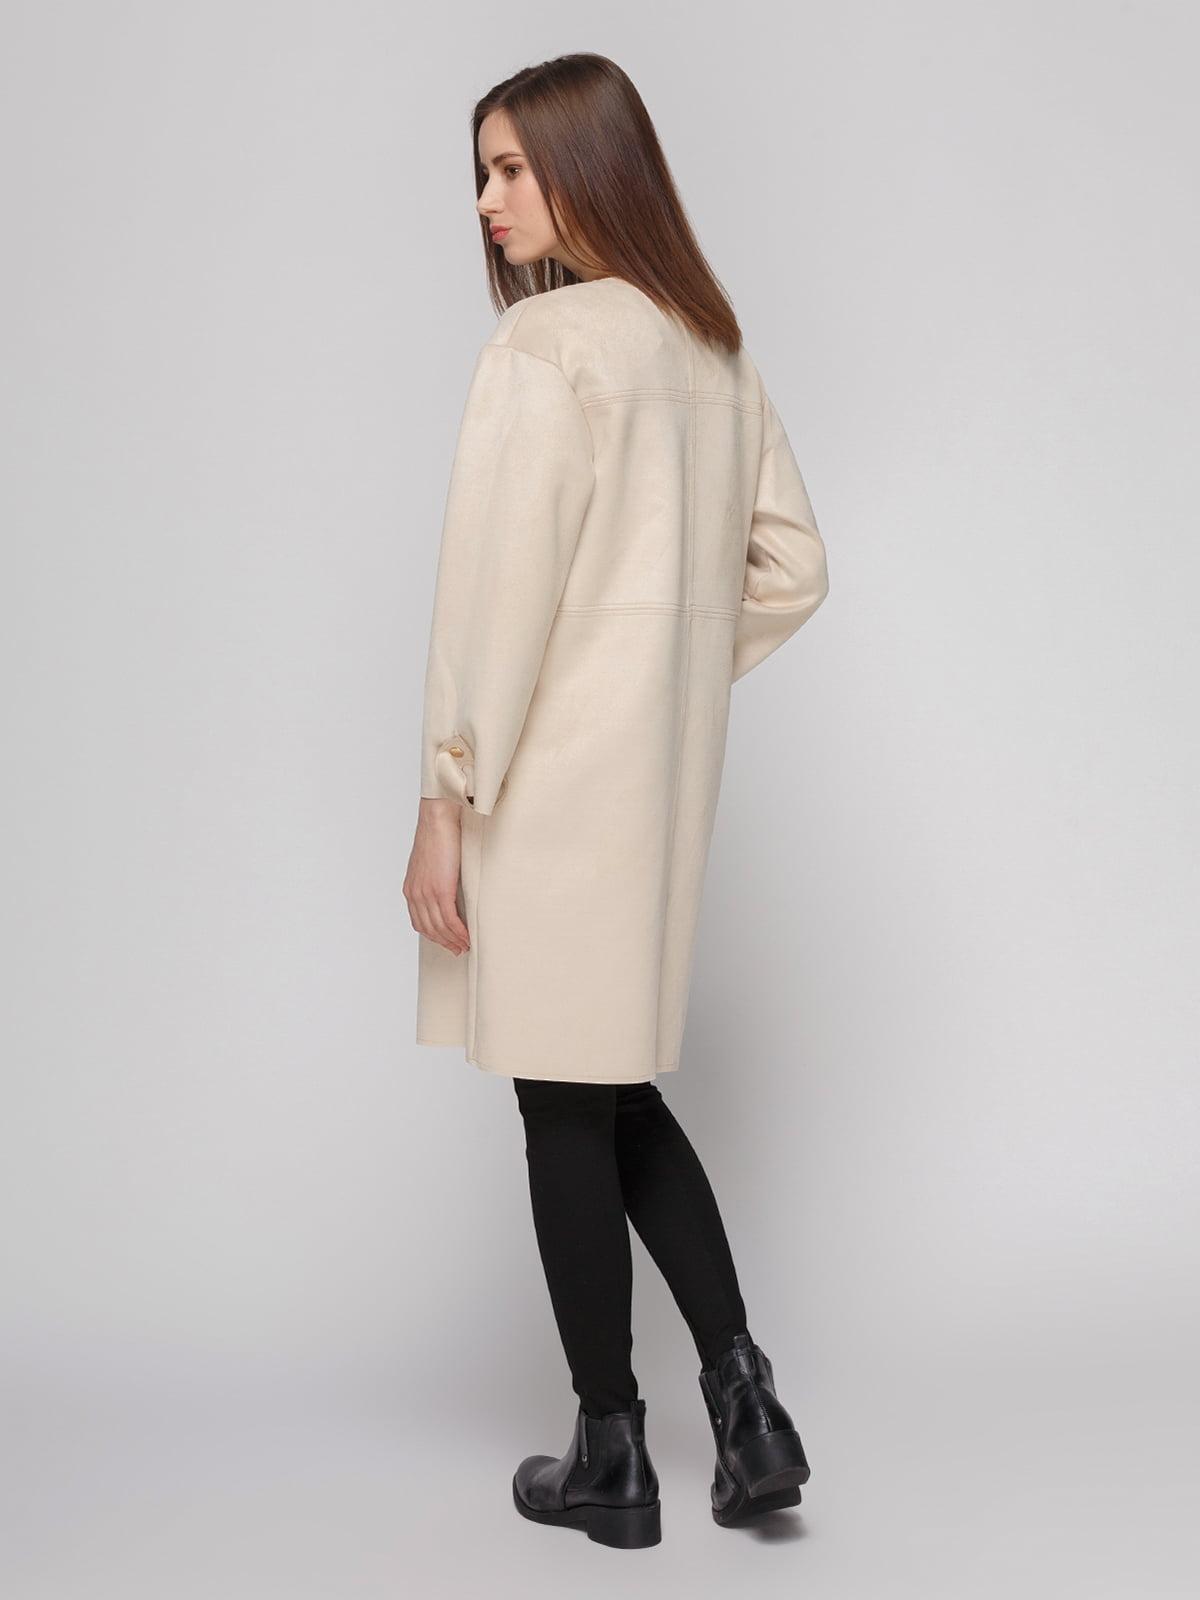 Пальто кремового цвета | 4874351 | фото 3